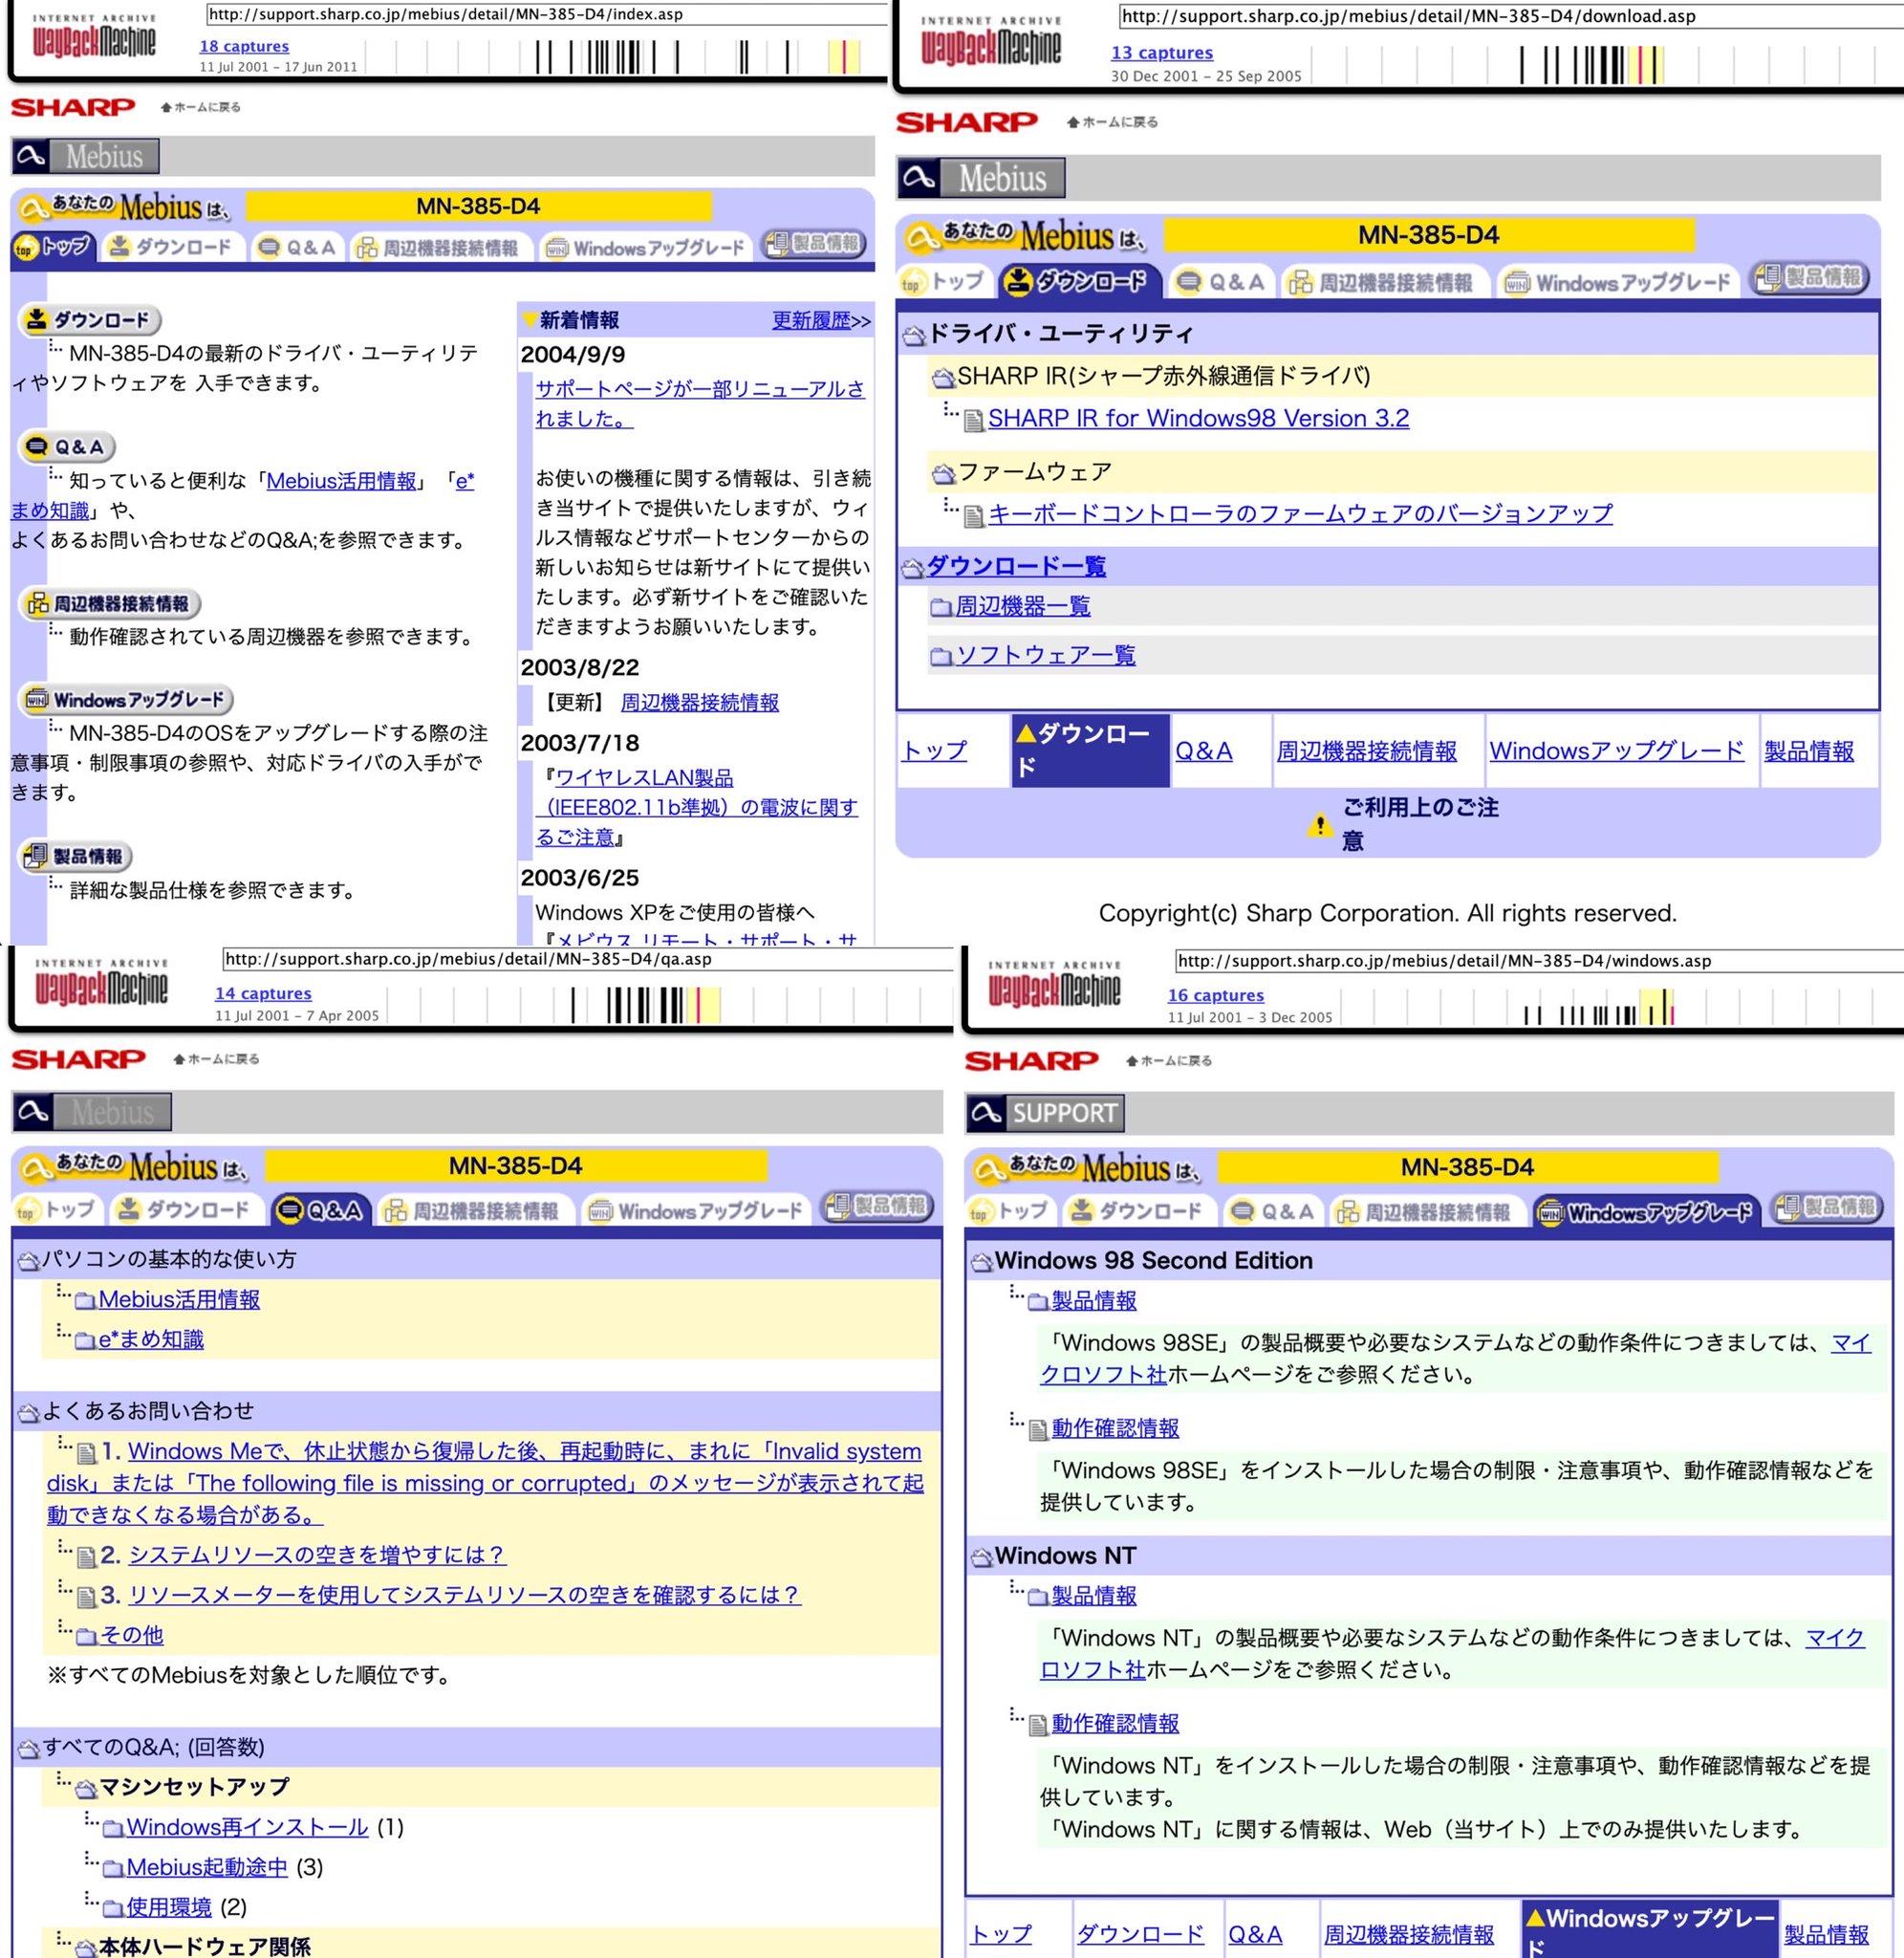 20年前のノートパソコン情報はさすがに消えていたので Internet Archive から発掘。  MN-385-D4 - It's my Mebius https://t.co/ocKHnMLsvY https://t.co/xNlA3B9MO8